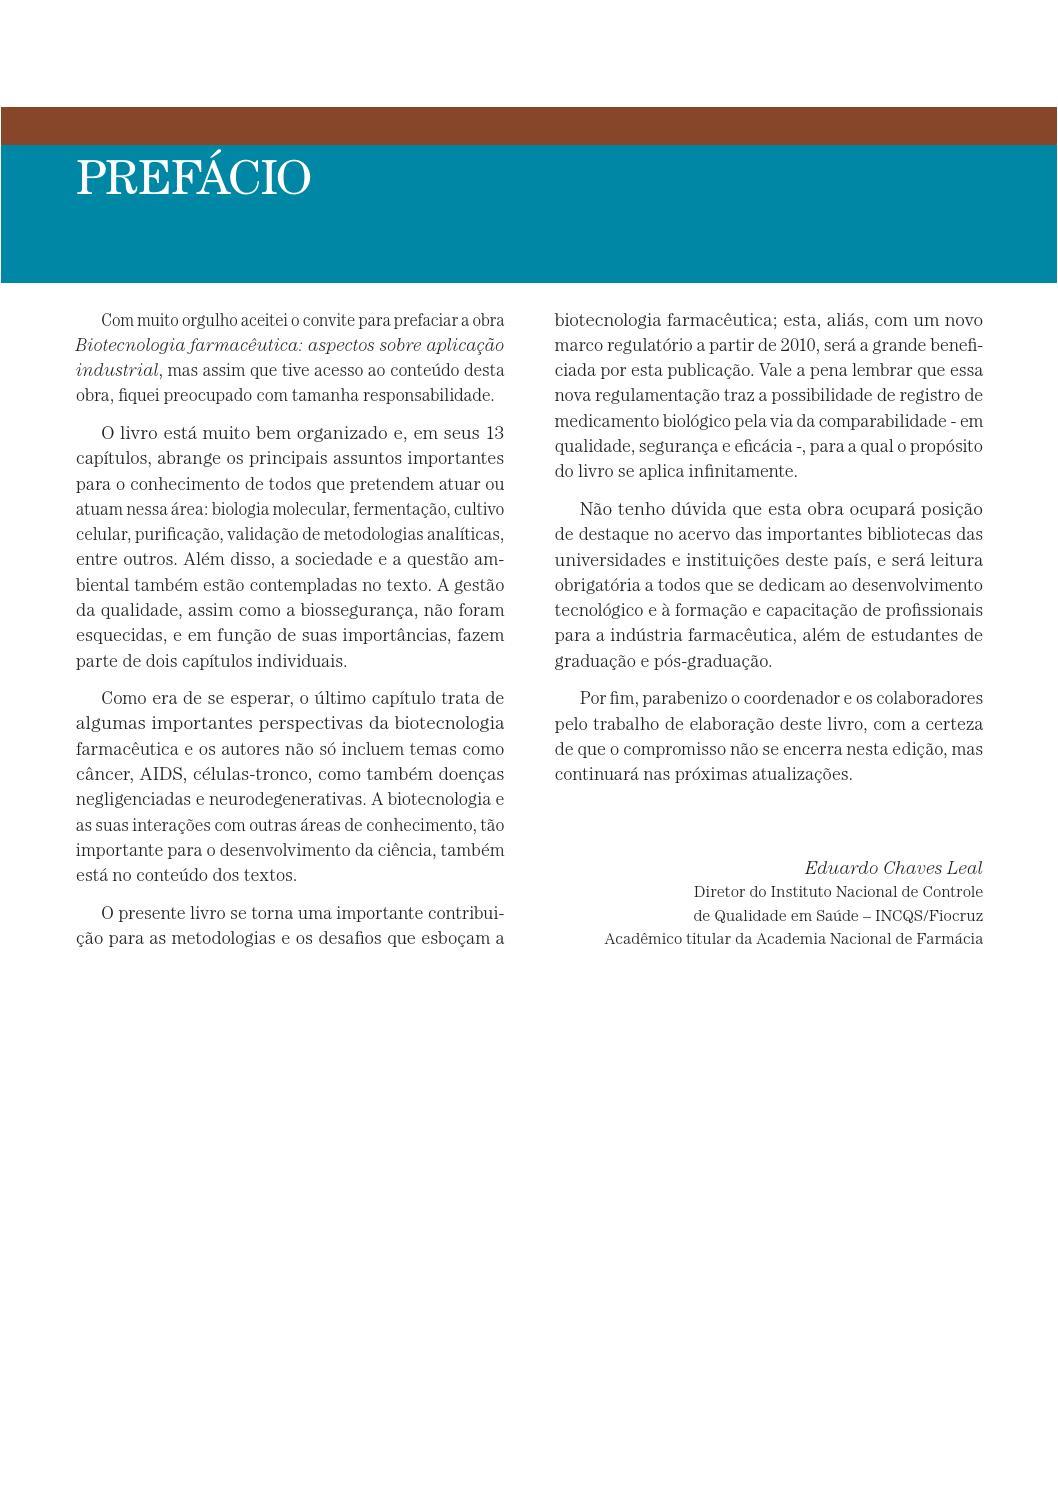 8d45e9c5986 Biotecnologia Farmacêutica by Editora Blucher - issuu